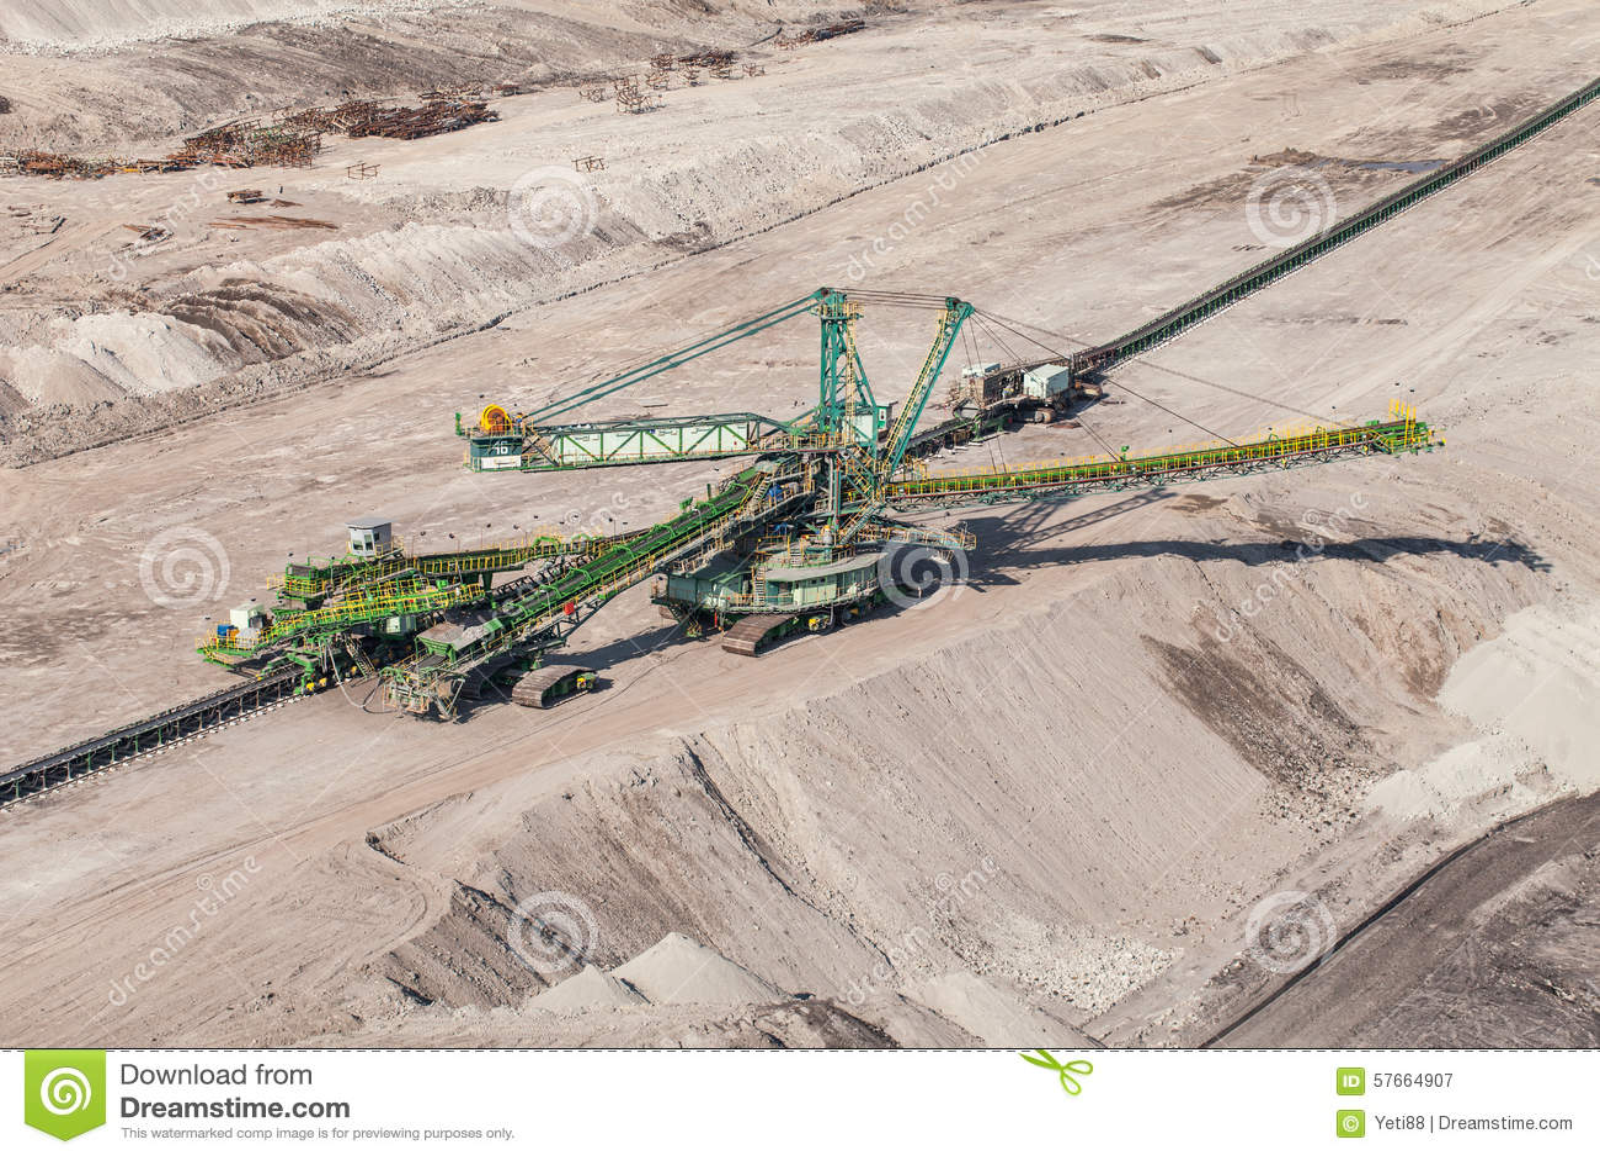 Vista aérea de la mina de carbón